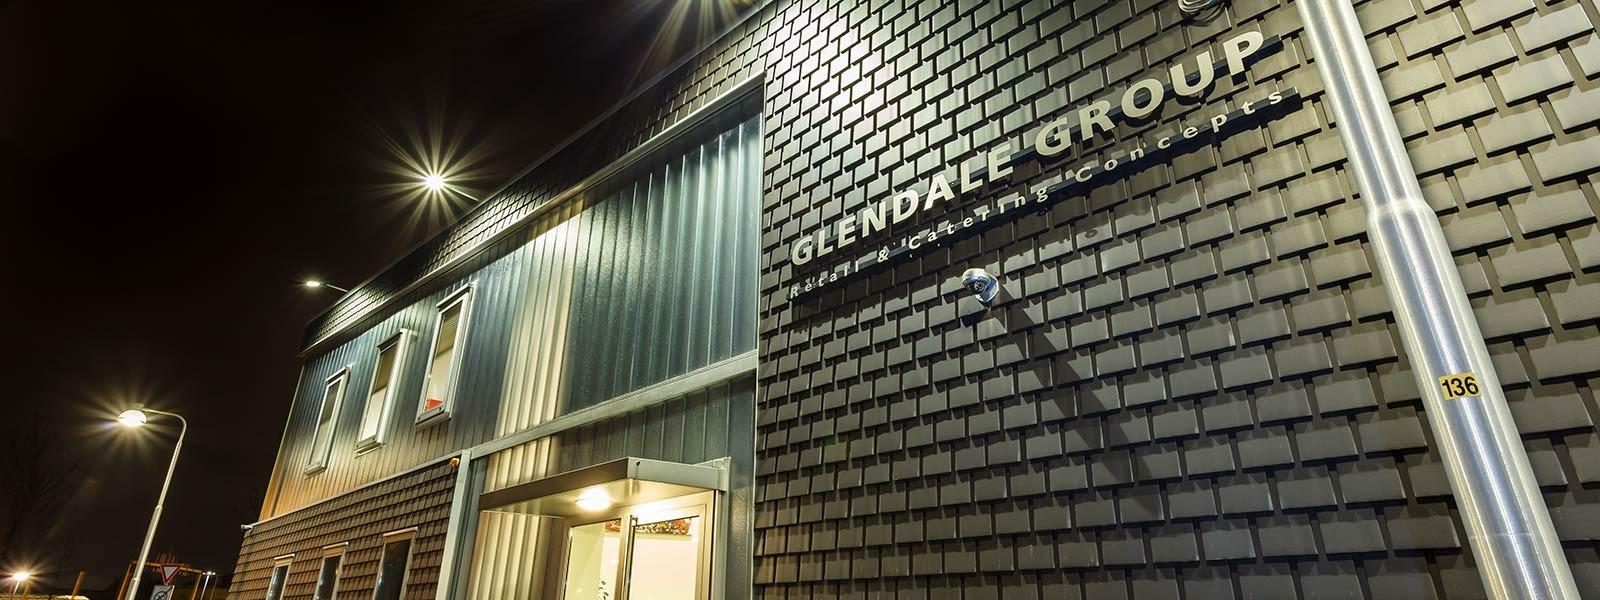 Glendale Group en Hogin BV, Amstelveen